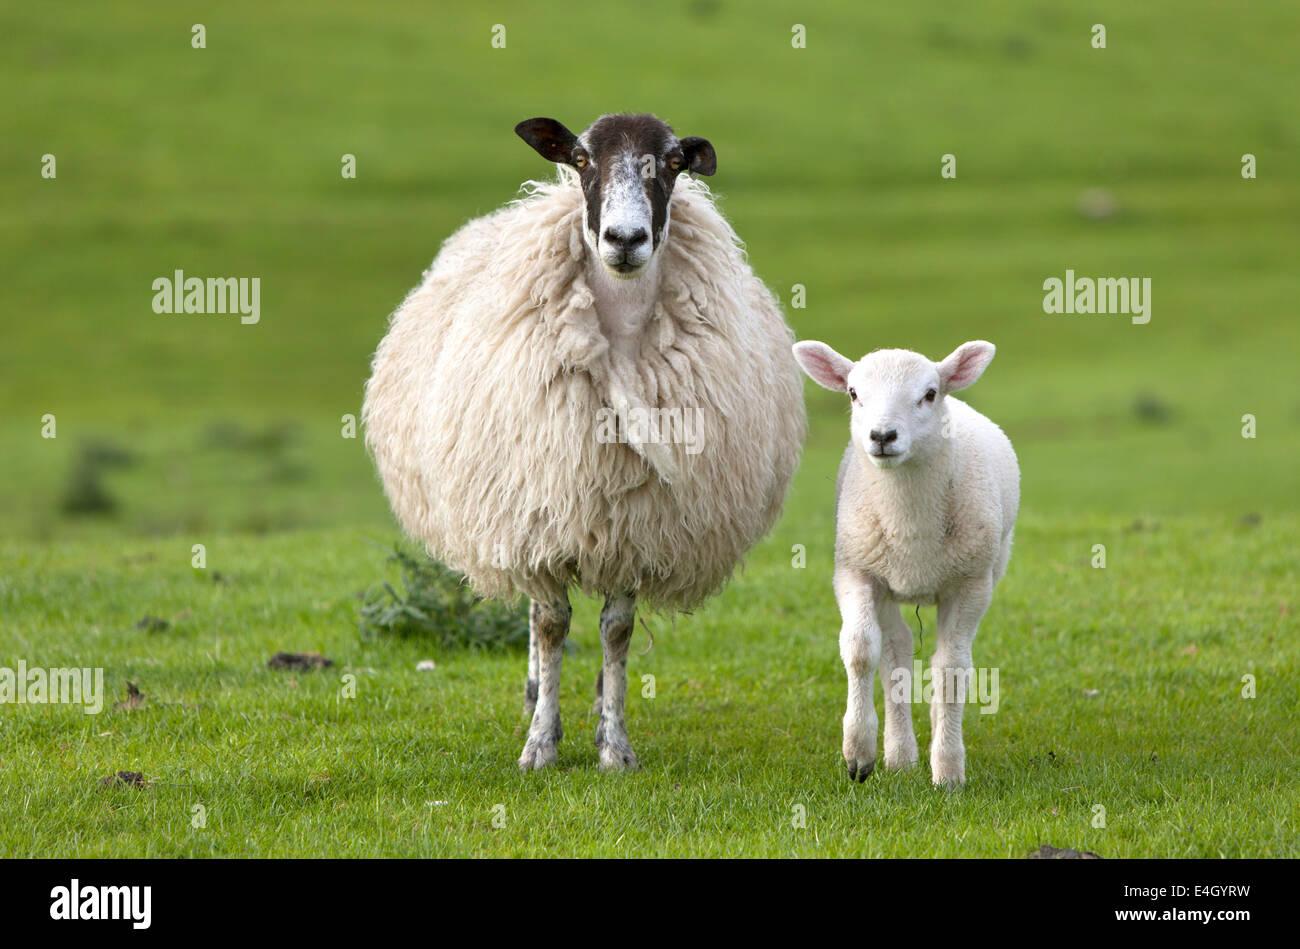 Ewe and Lamb, England, UK - Stock Image